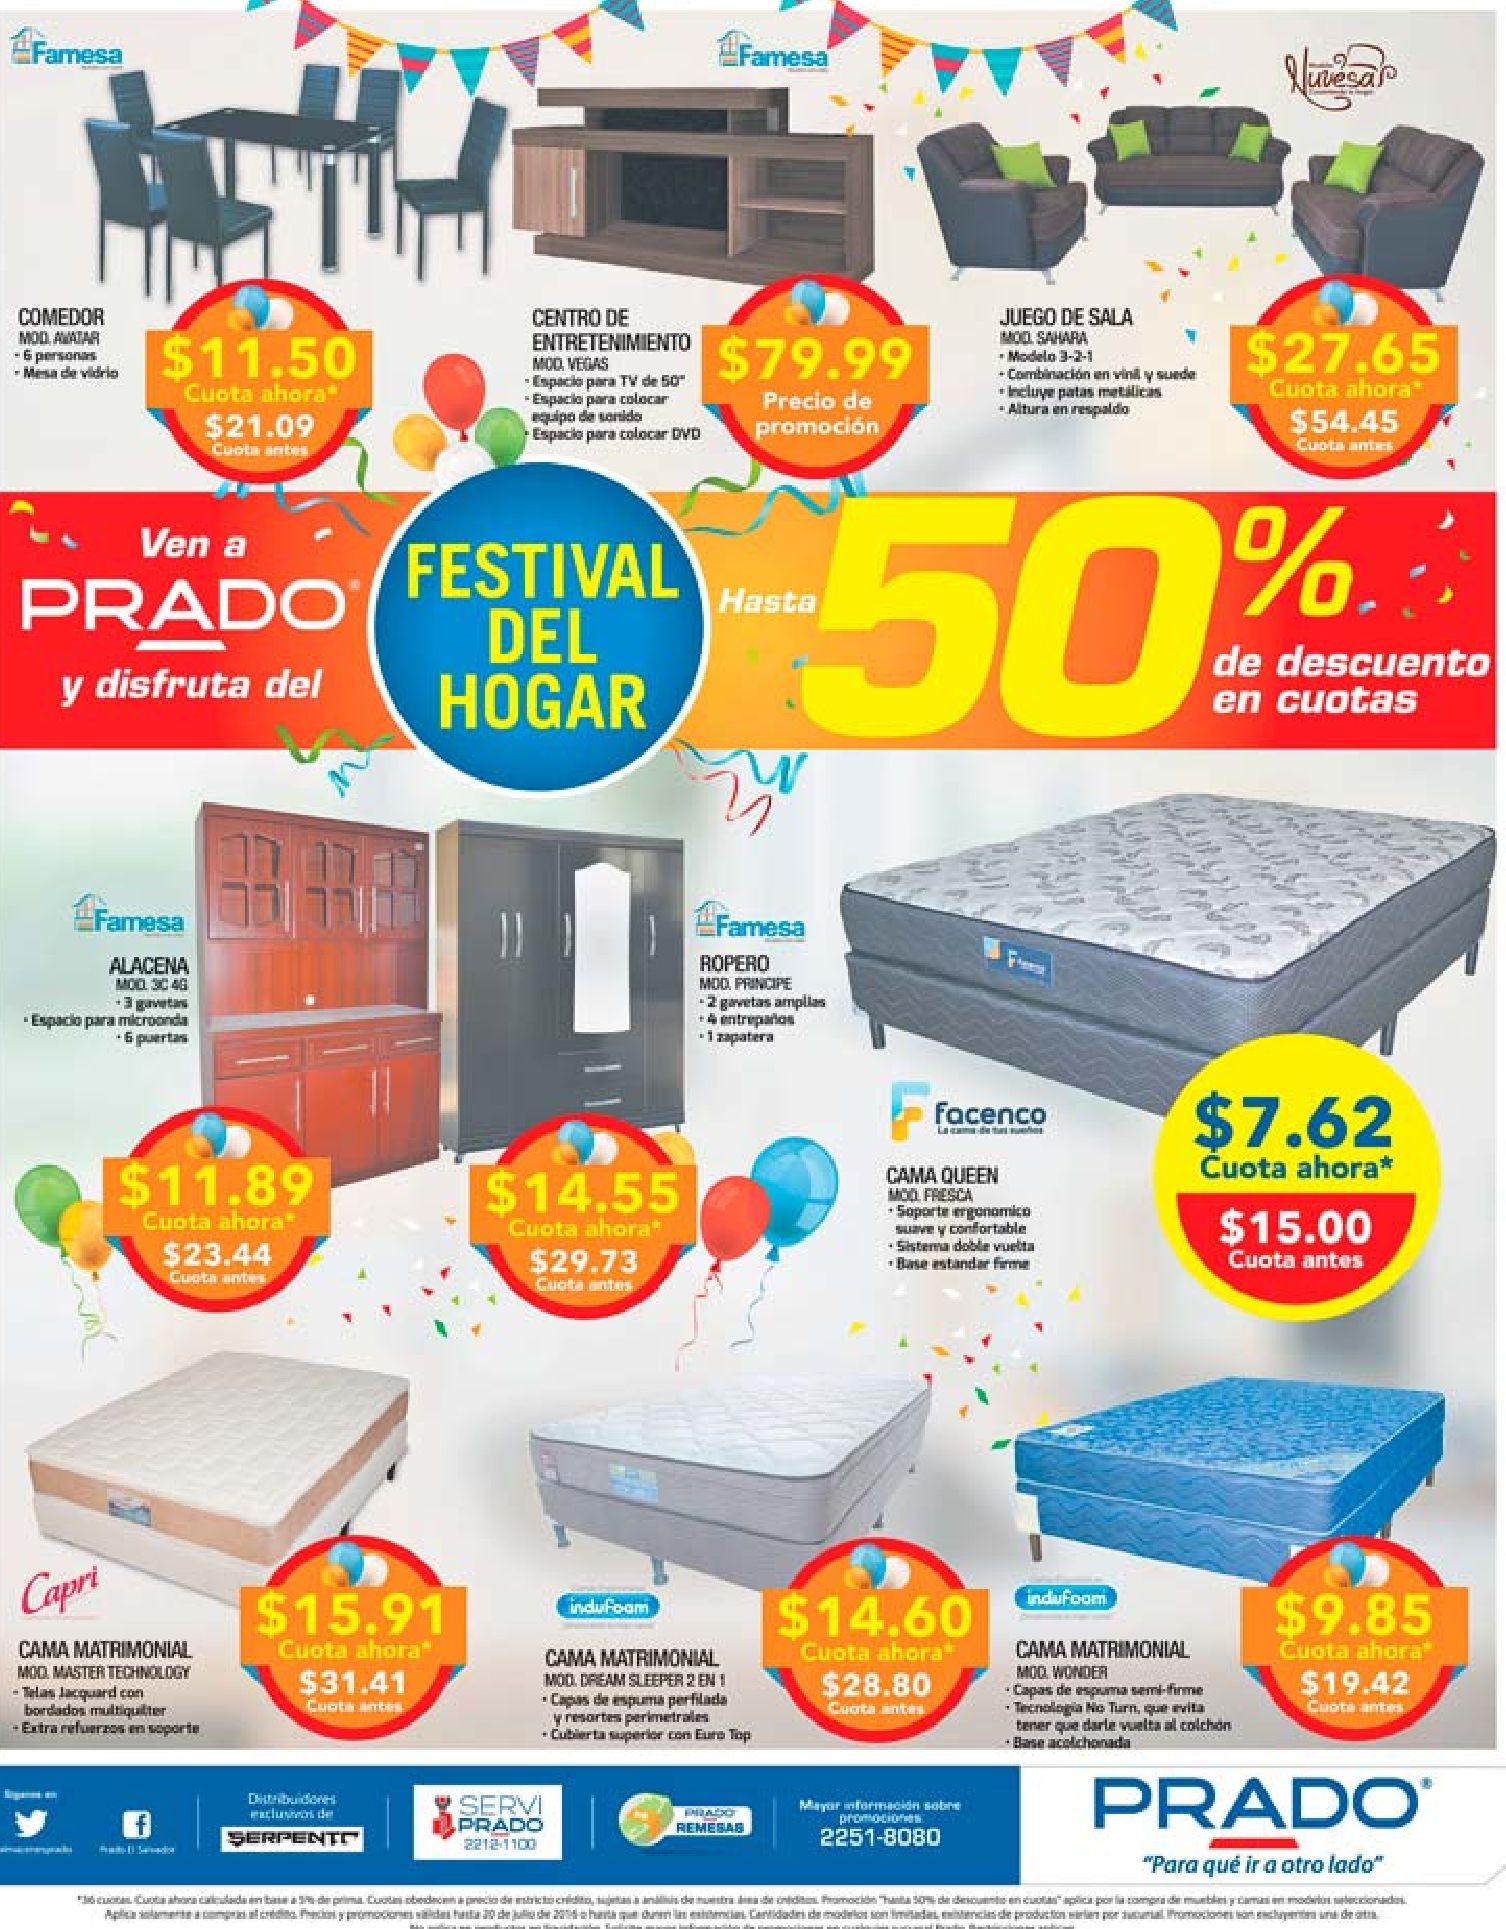 Descuento en camas y muebles de almacenes prado julio 2016 - Ofertas ...